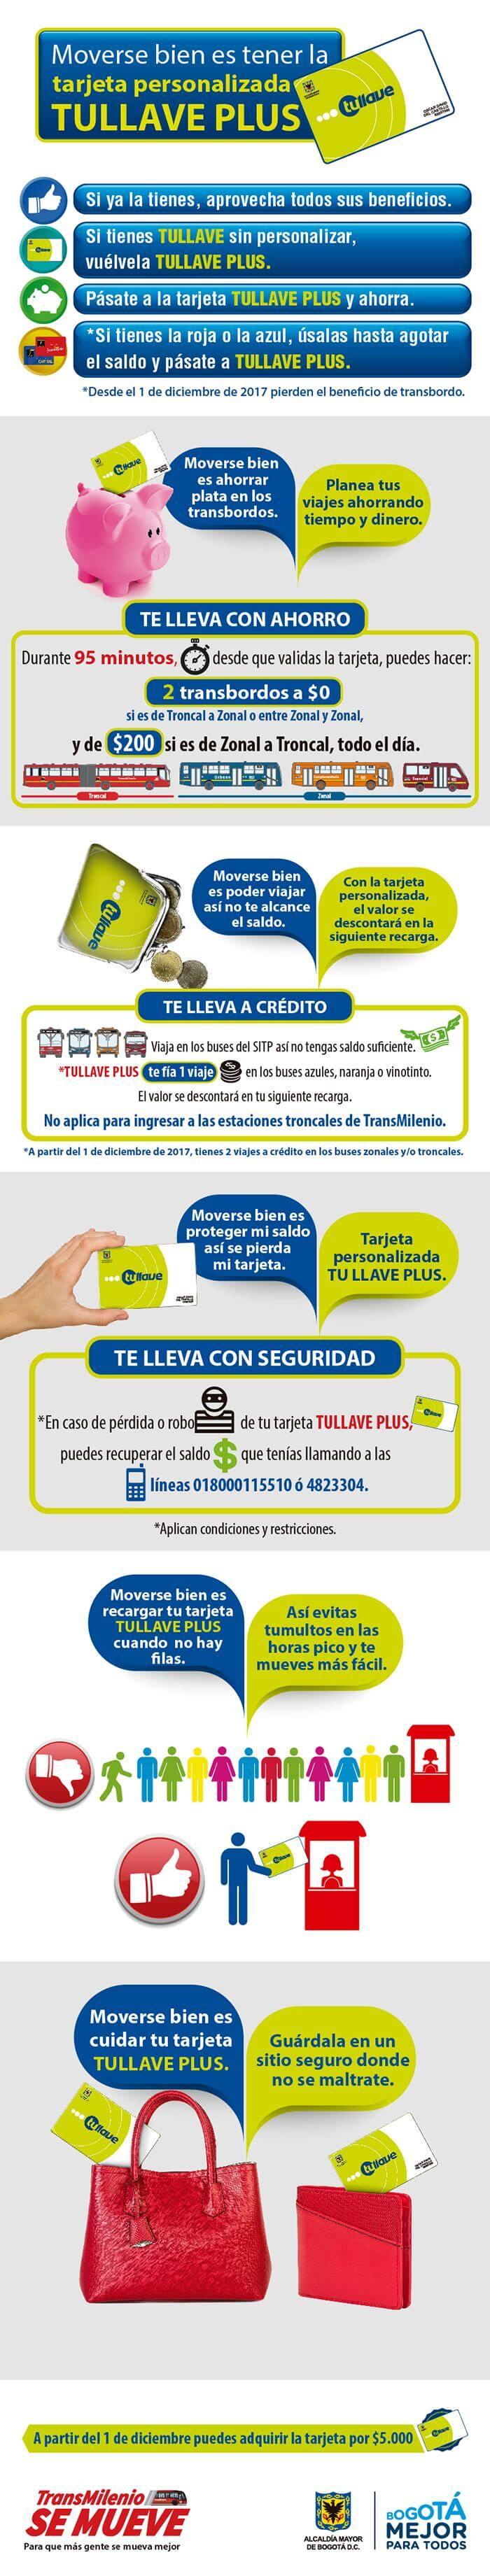 Infografía de usos y tarifas tarjetas del SITP